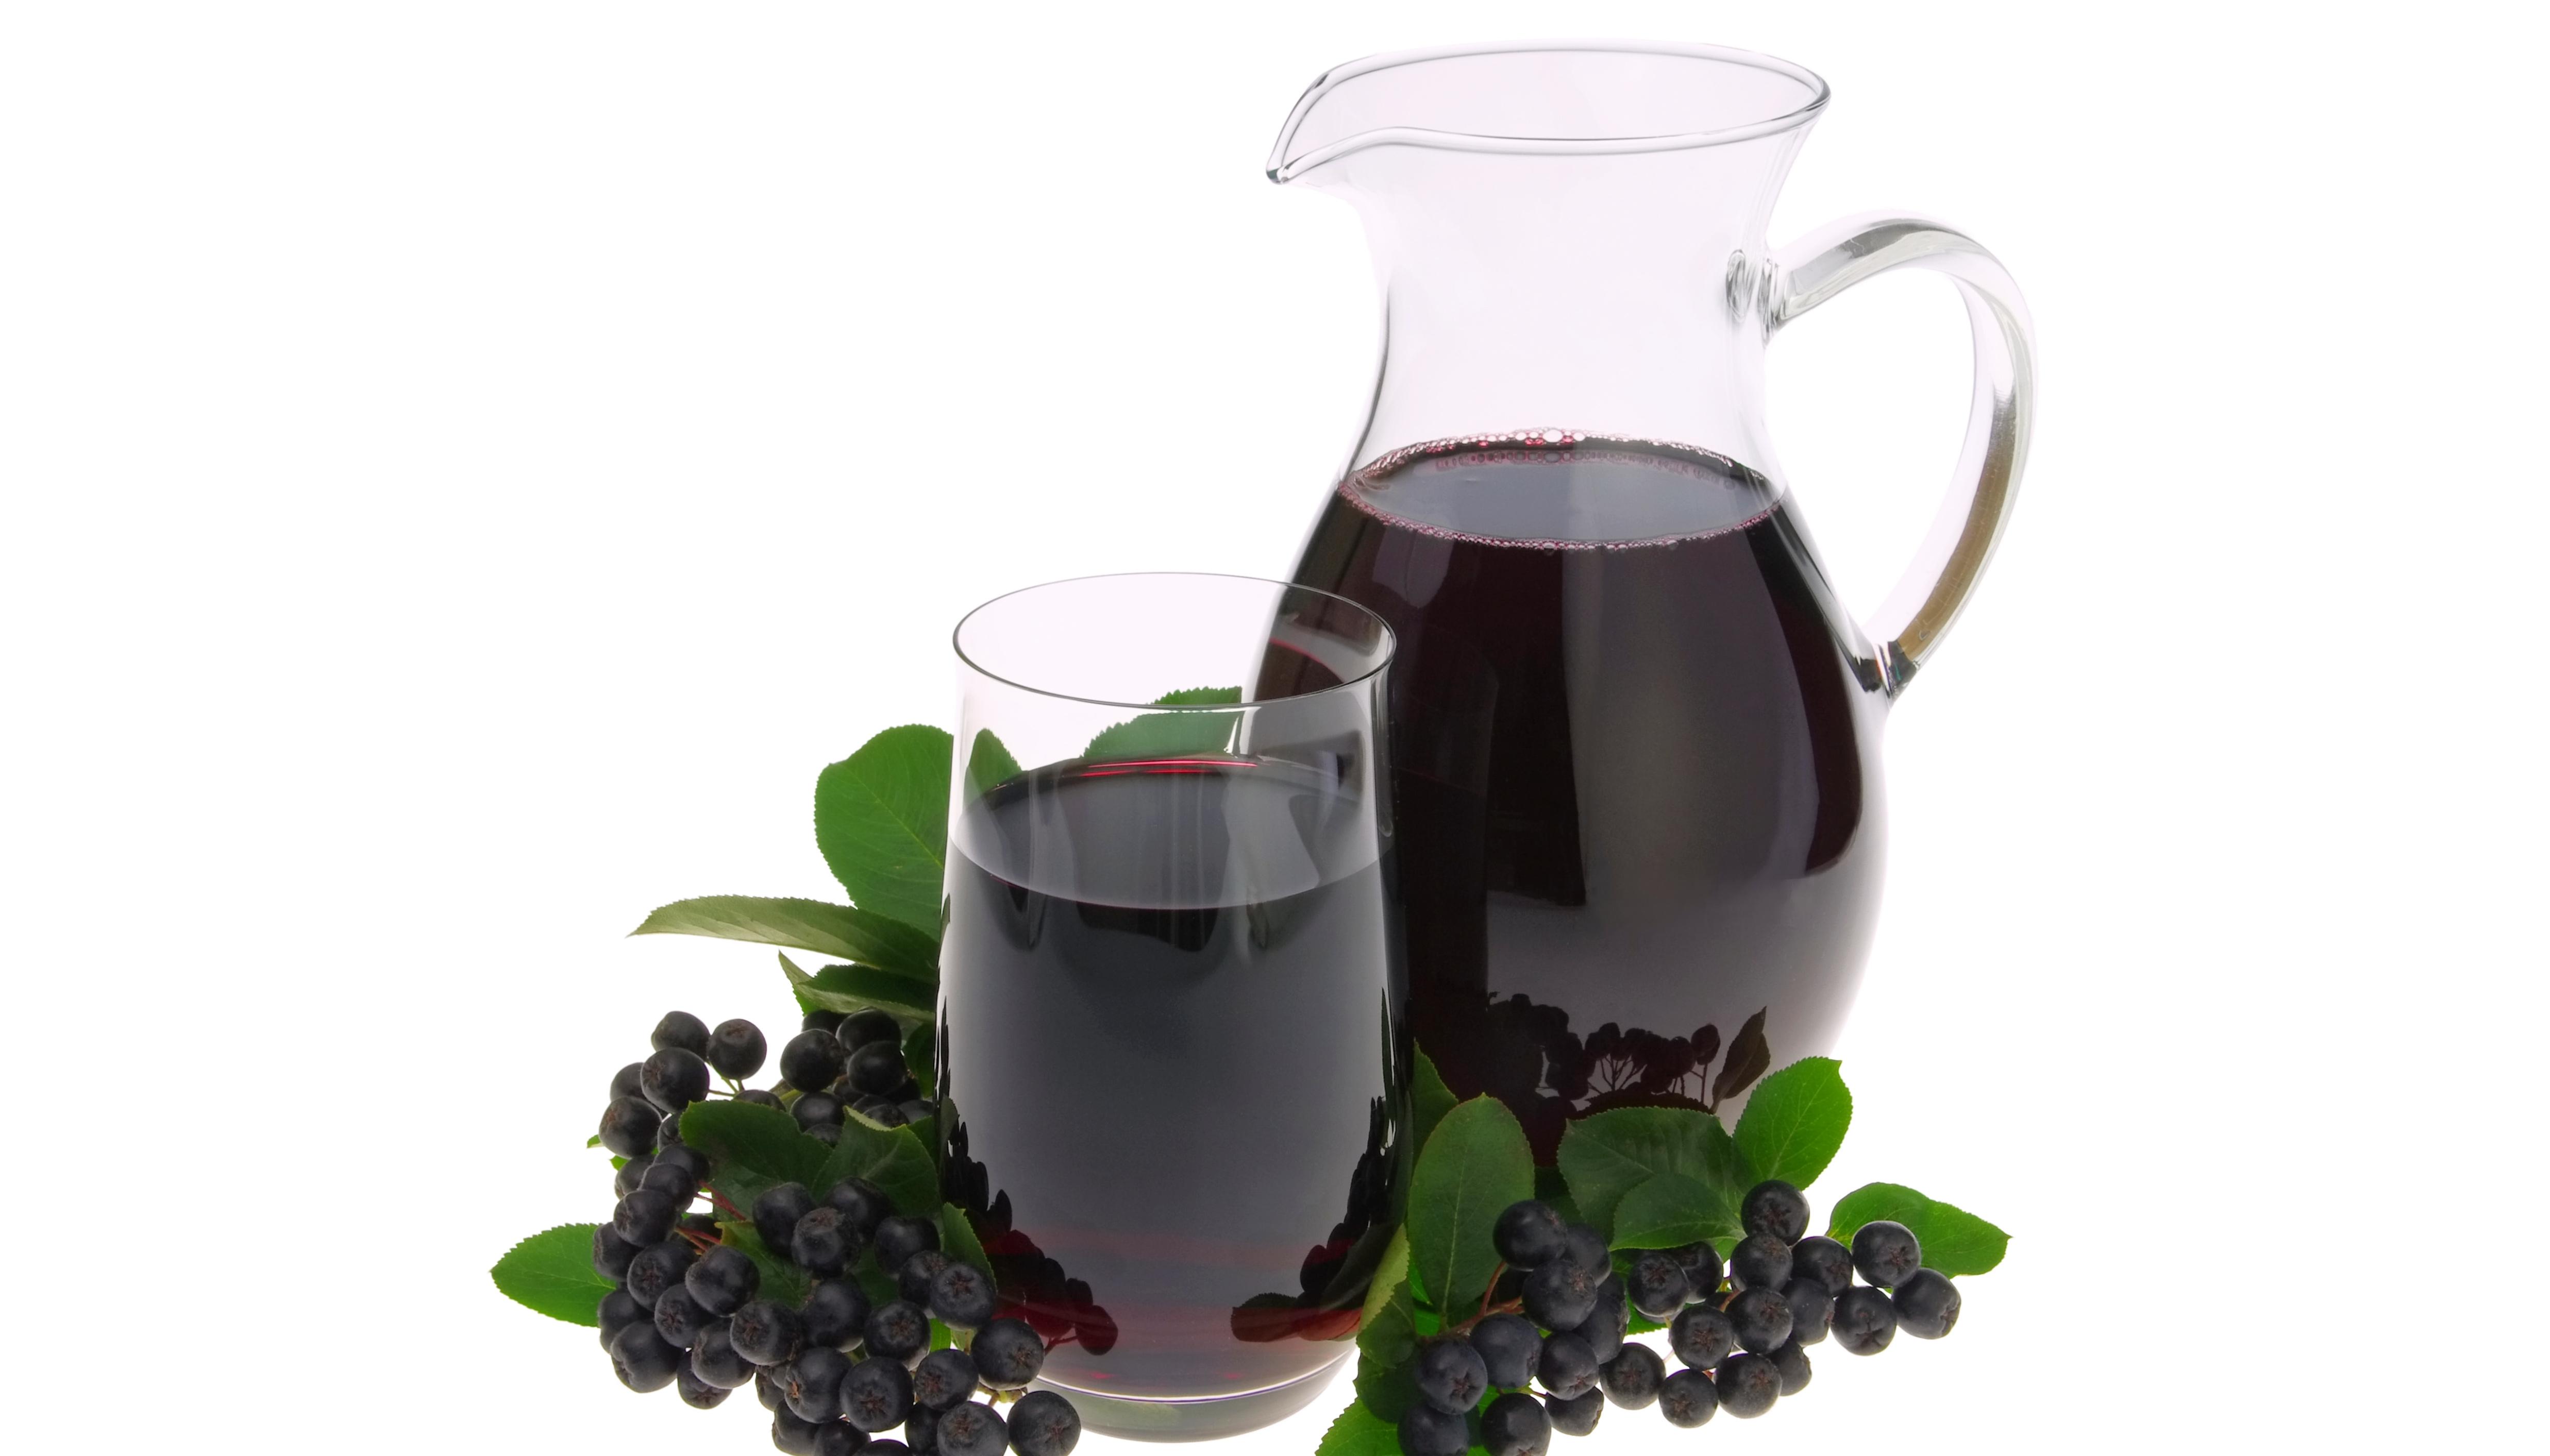 Вино из черной смородины - простой рецепт в домашних условиях 28